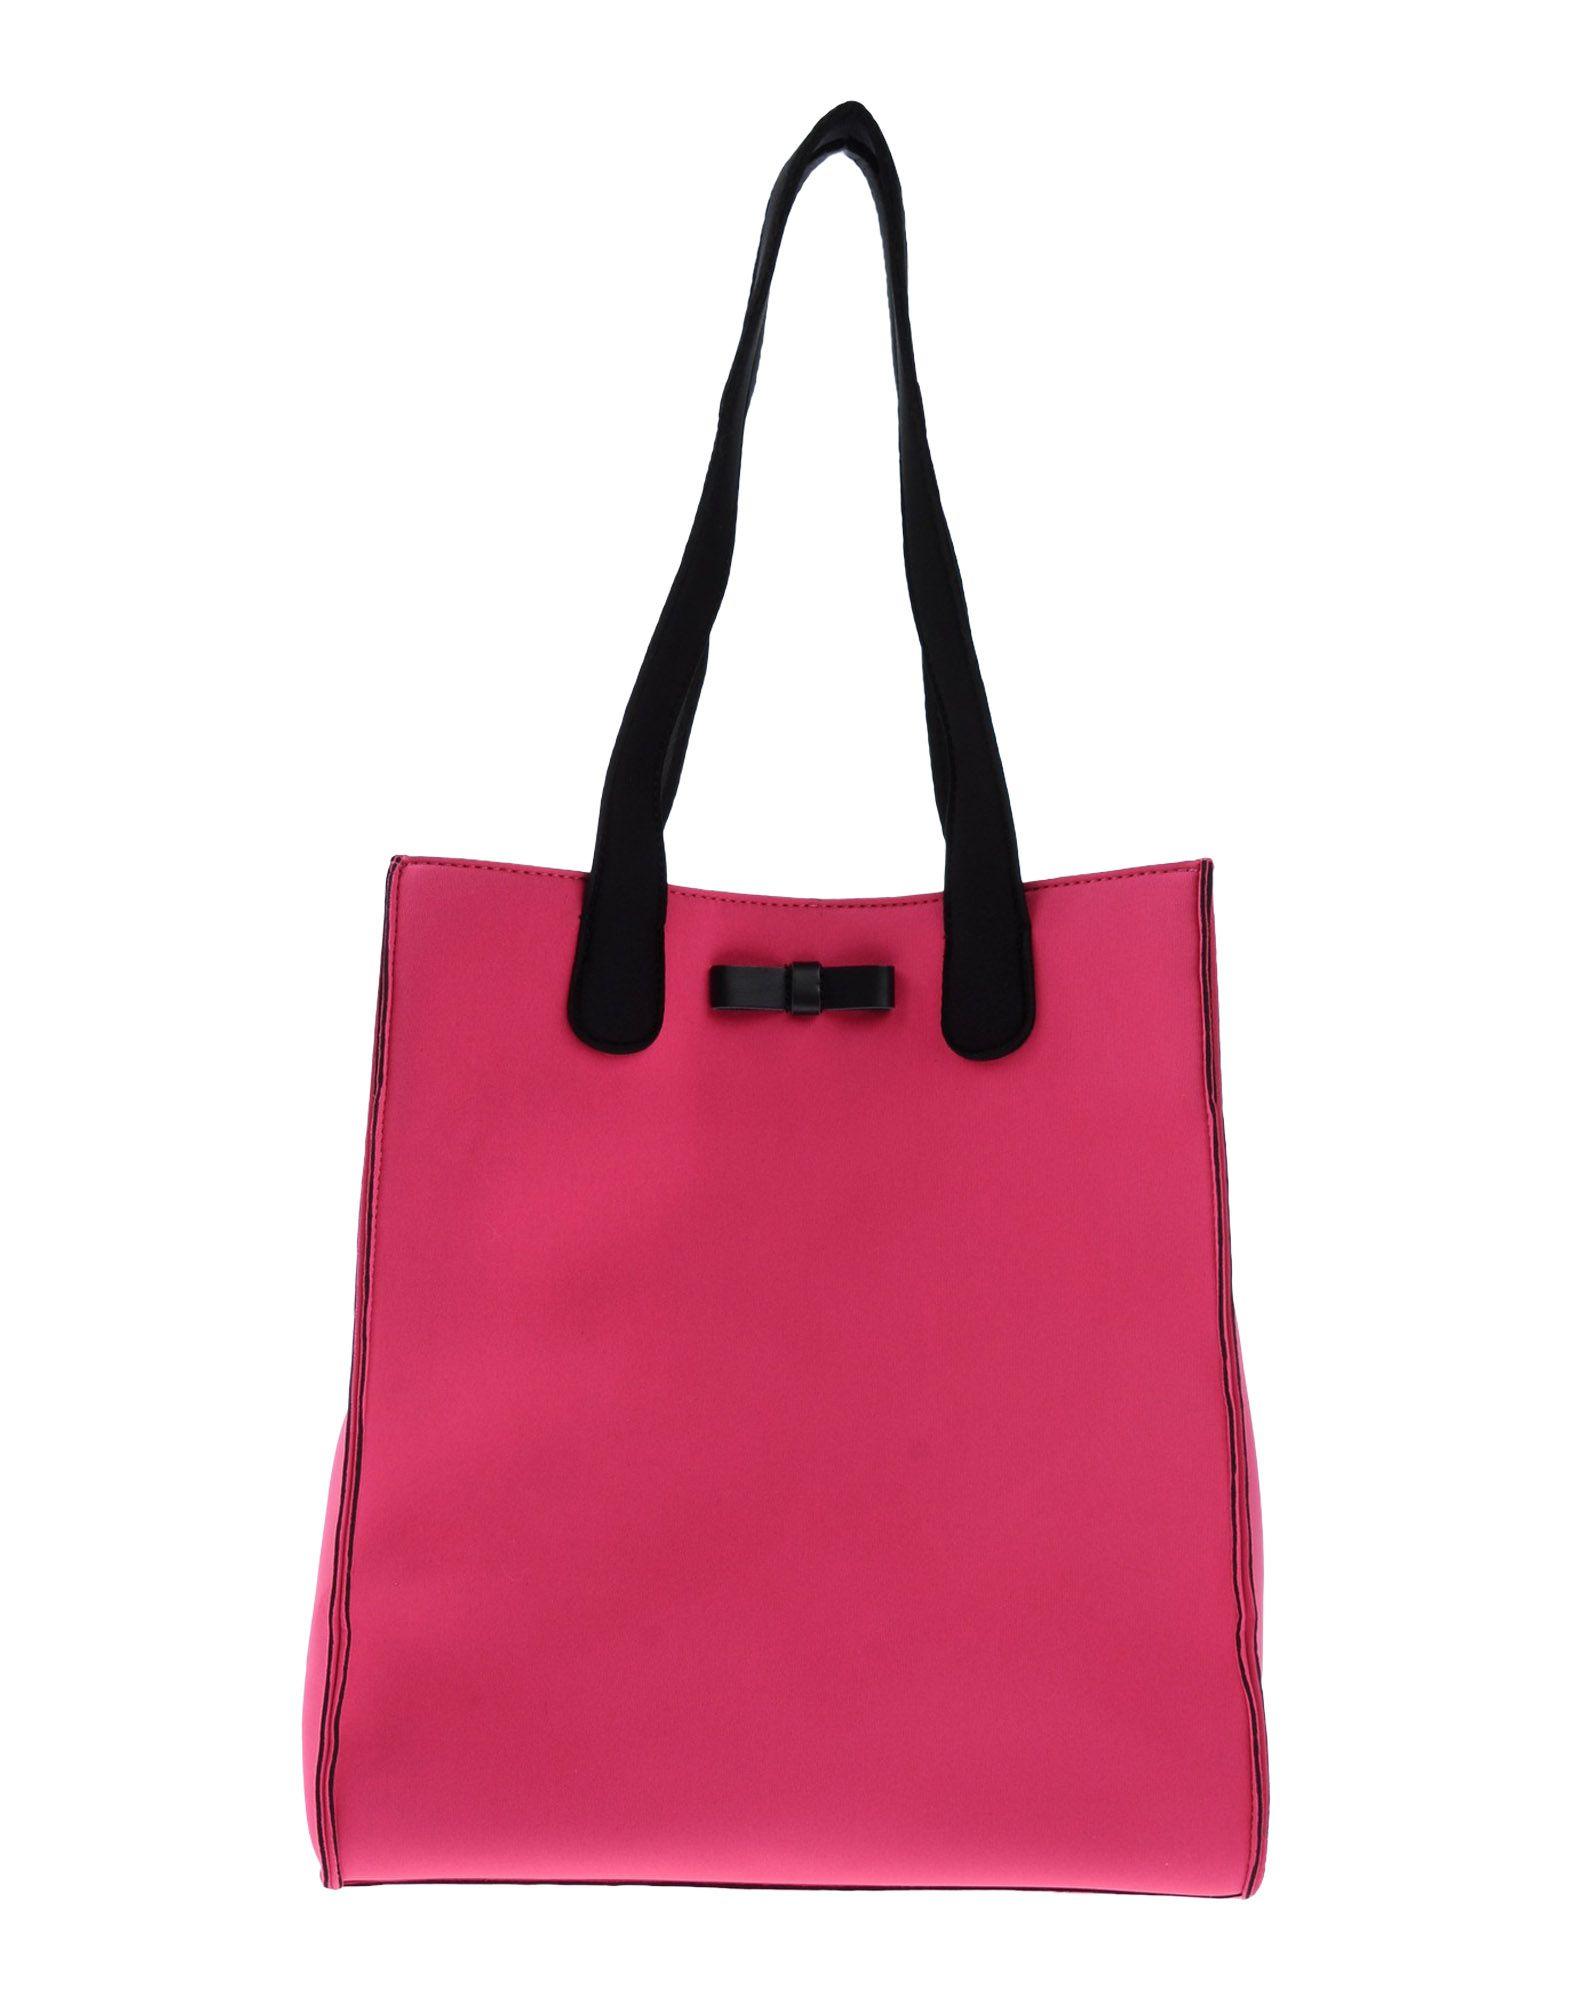 Borse Bag Treviso : Borse celine a treviso classic leather bag price